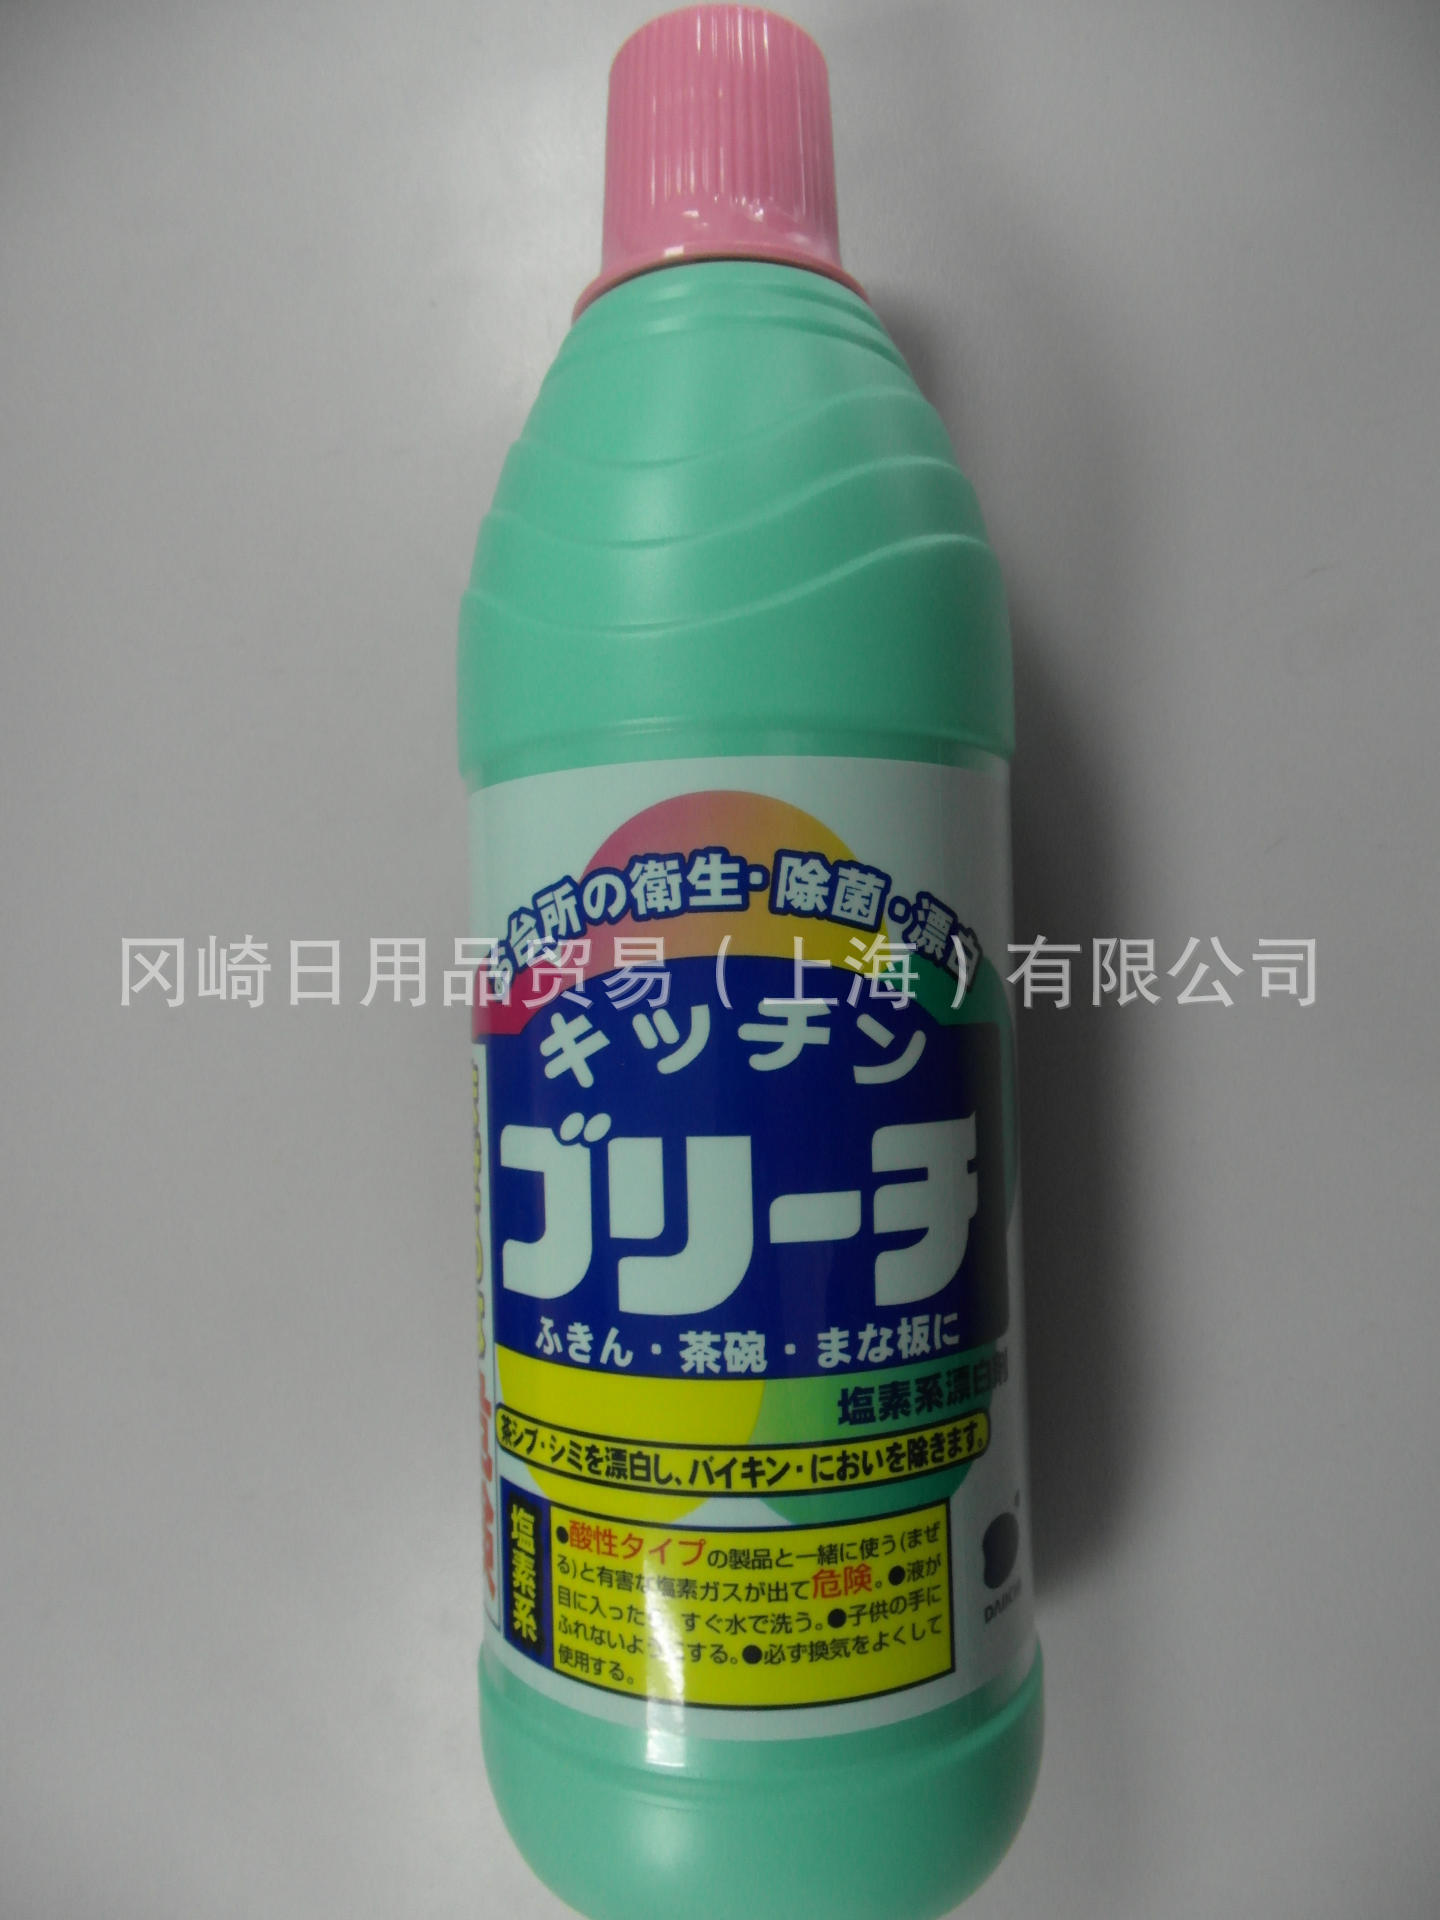 日本进口seiwapro厨房漂白剂清洁剂600ml漂白除菌剂清洗剂315010